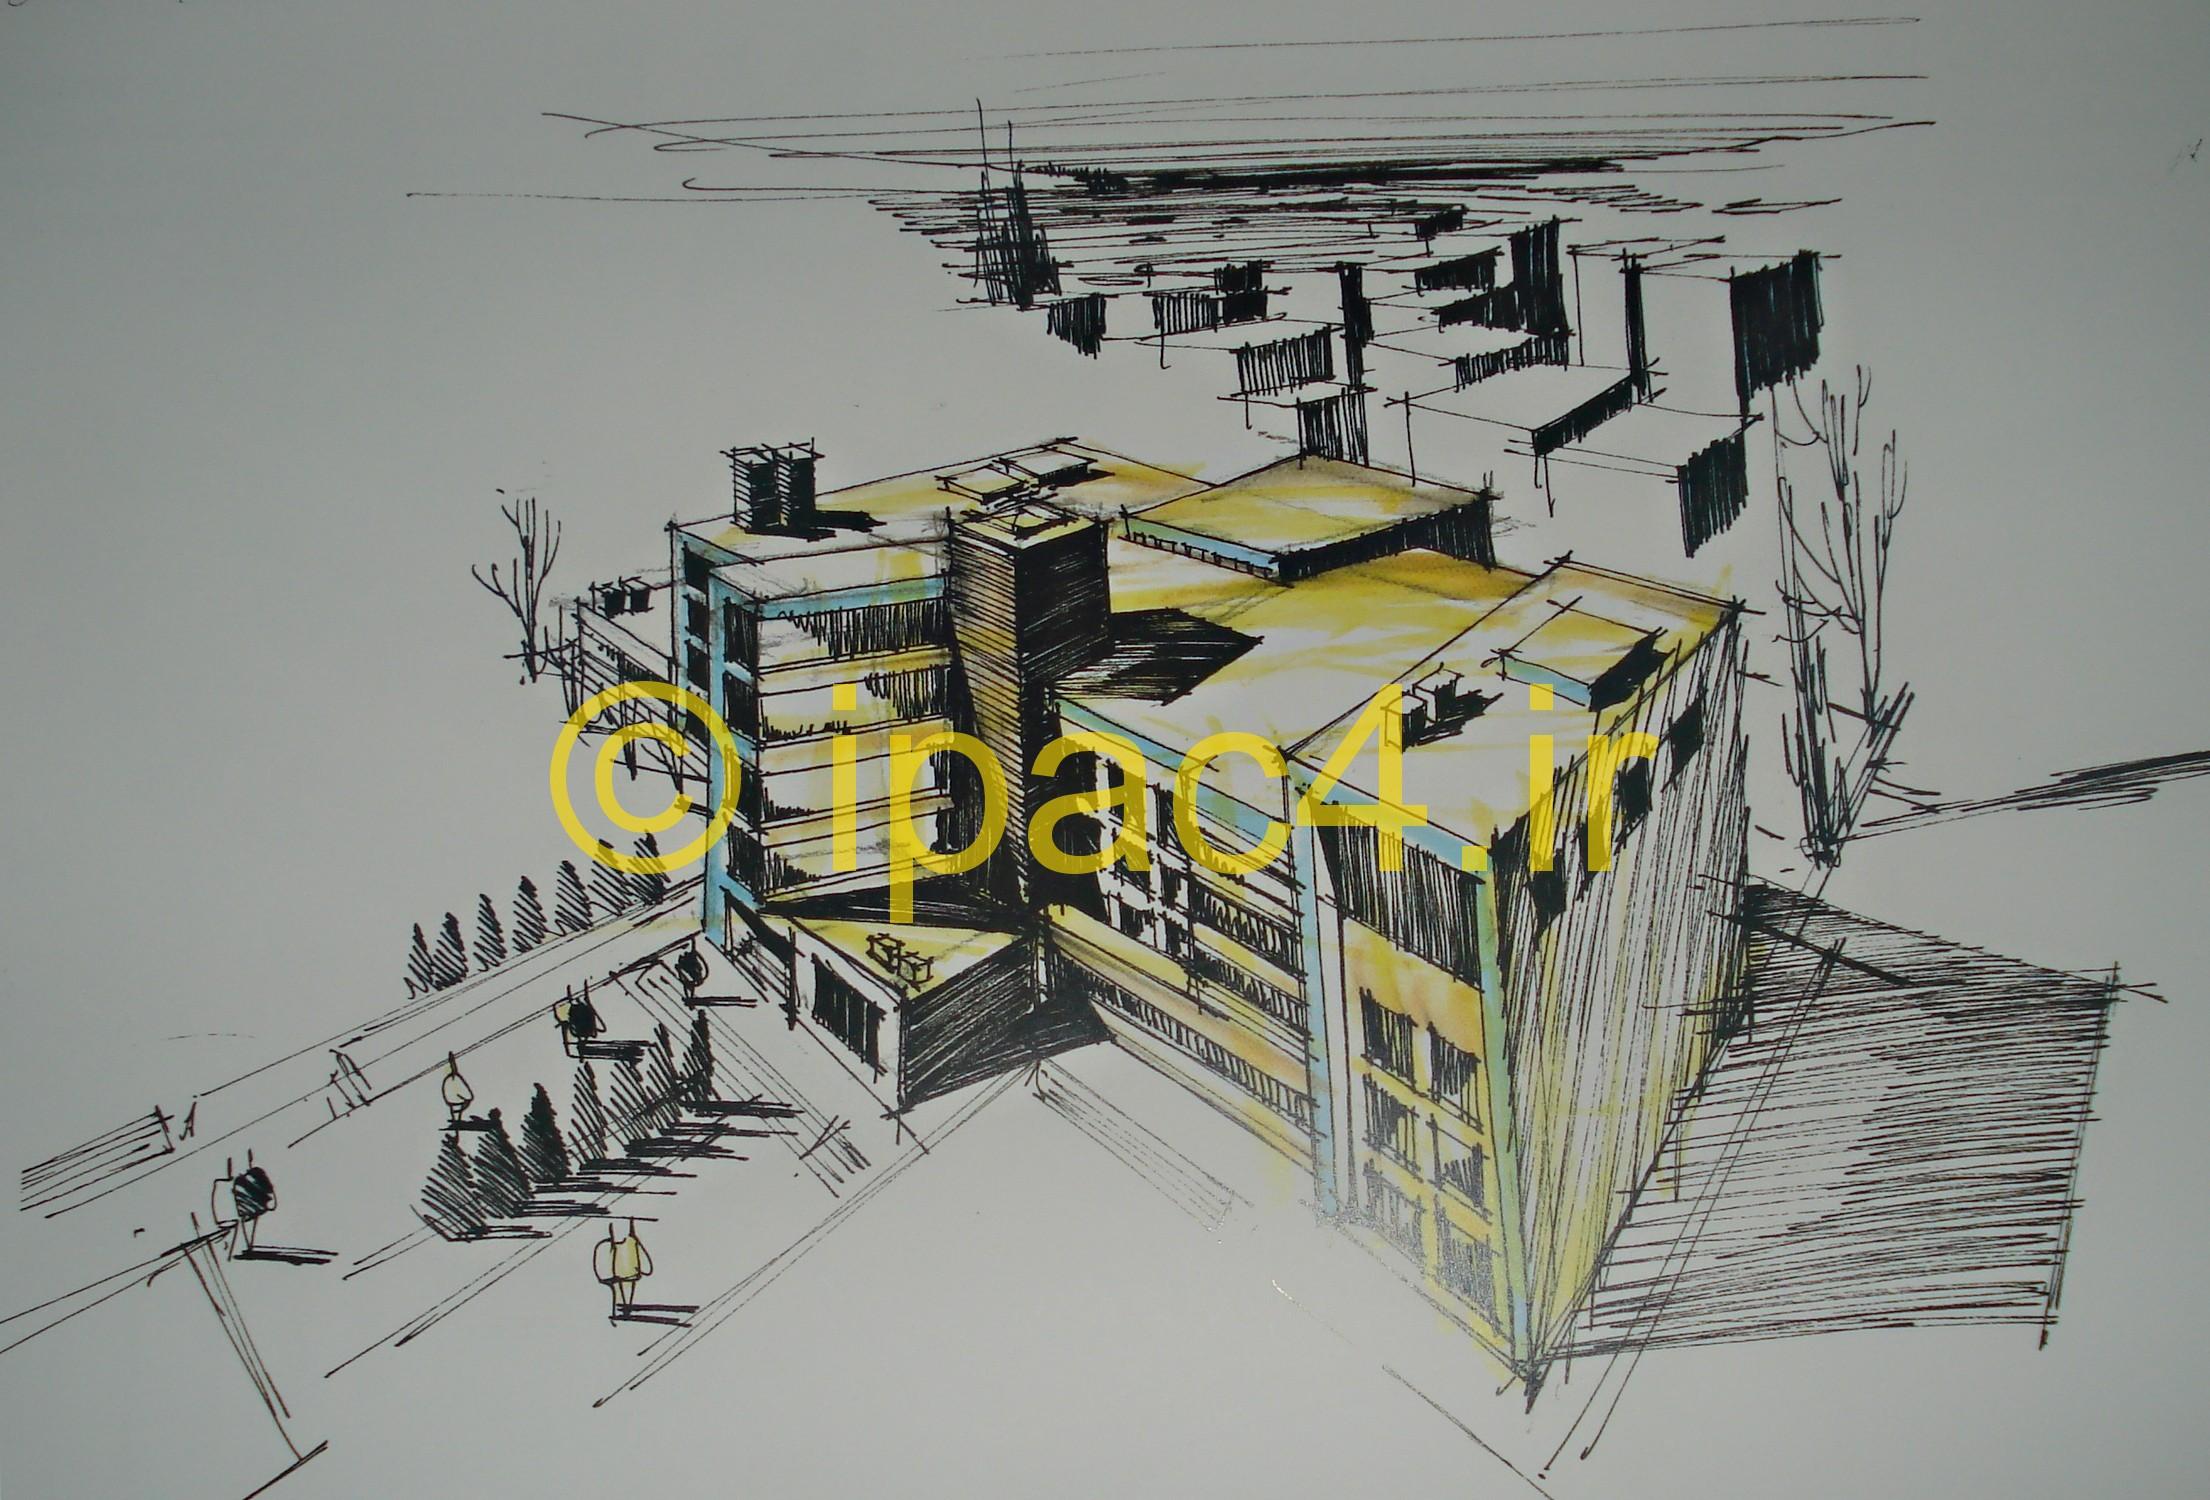 پرسپکتیو دید پرنده,راندو و اسکیس,اسکیس و راندو,پرسپکتیو خارجی,عکس از پرسپکتیو خارجی,مدل راندوی پرسپکتیو,راندو در معماری,راندو,اسکیس,عکس اسکیس,مدل اسکیس